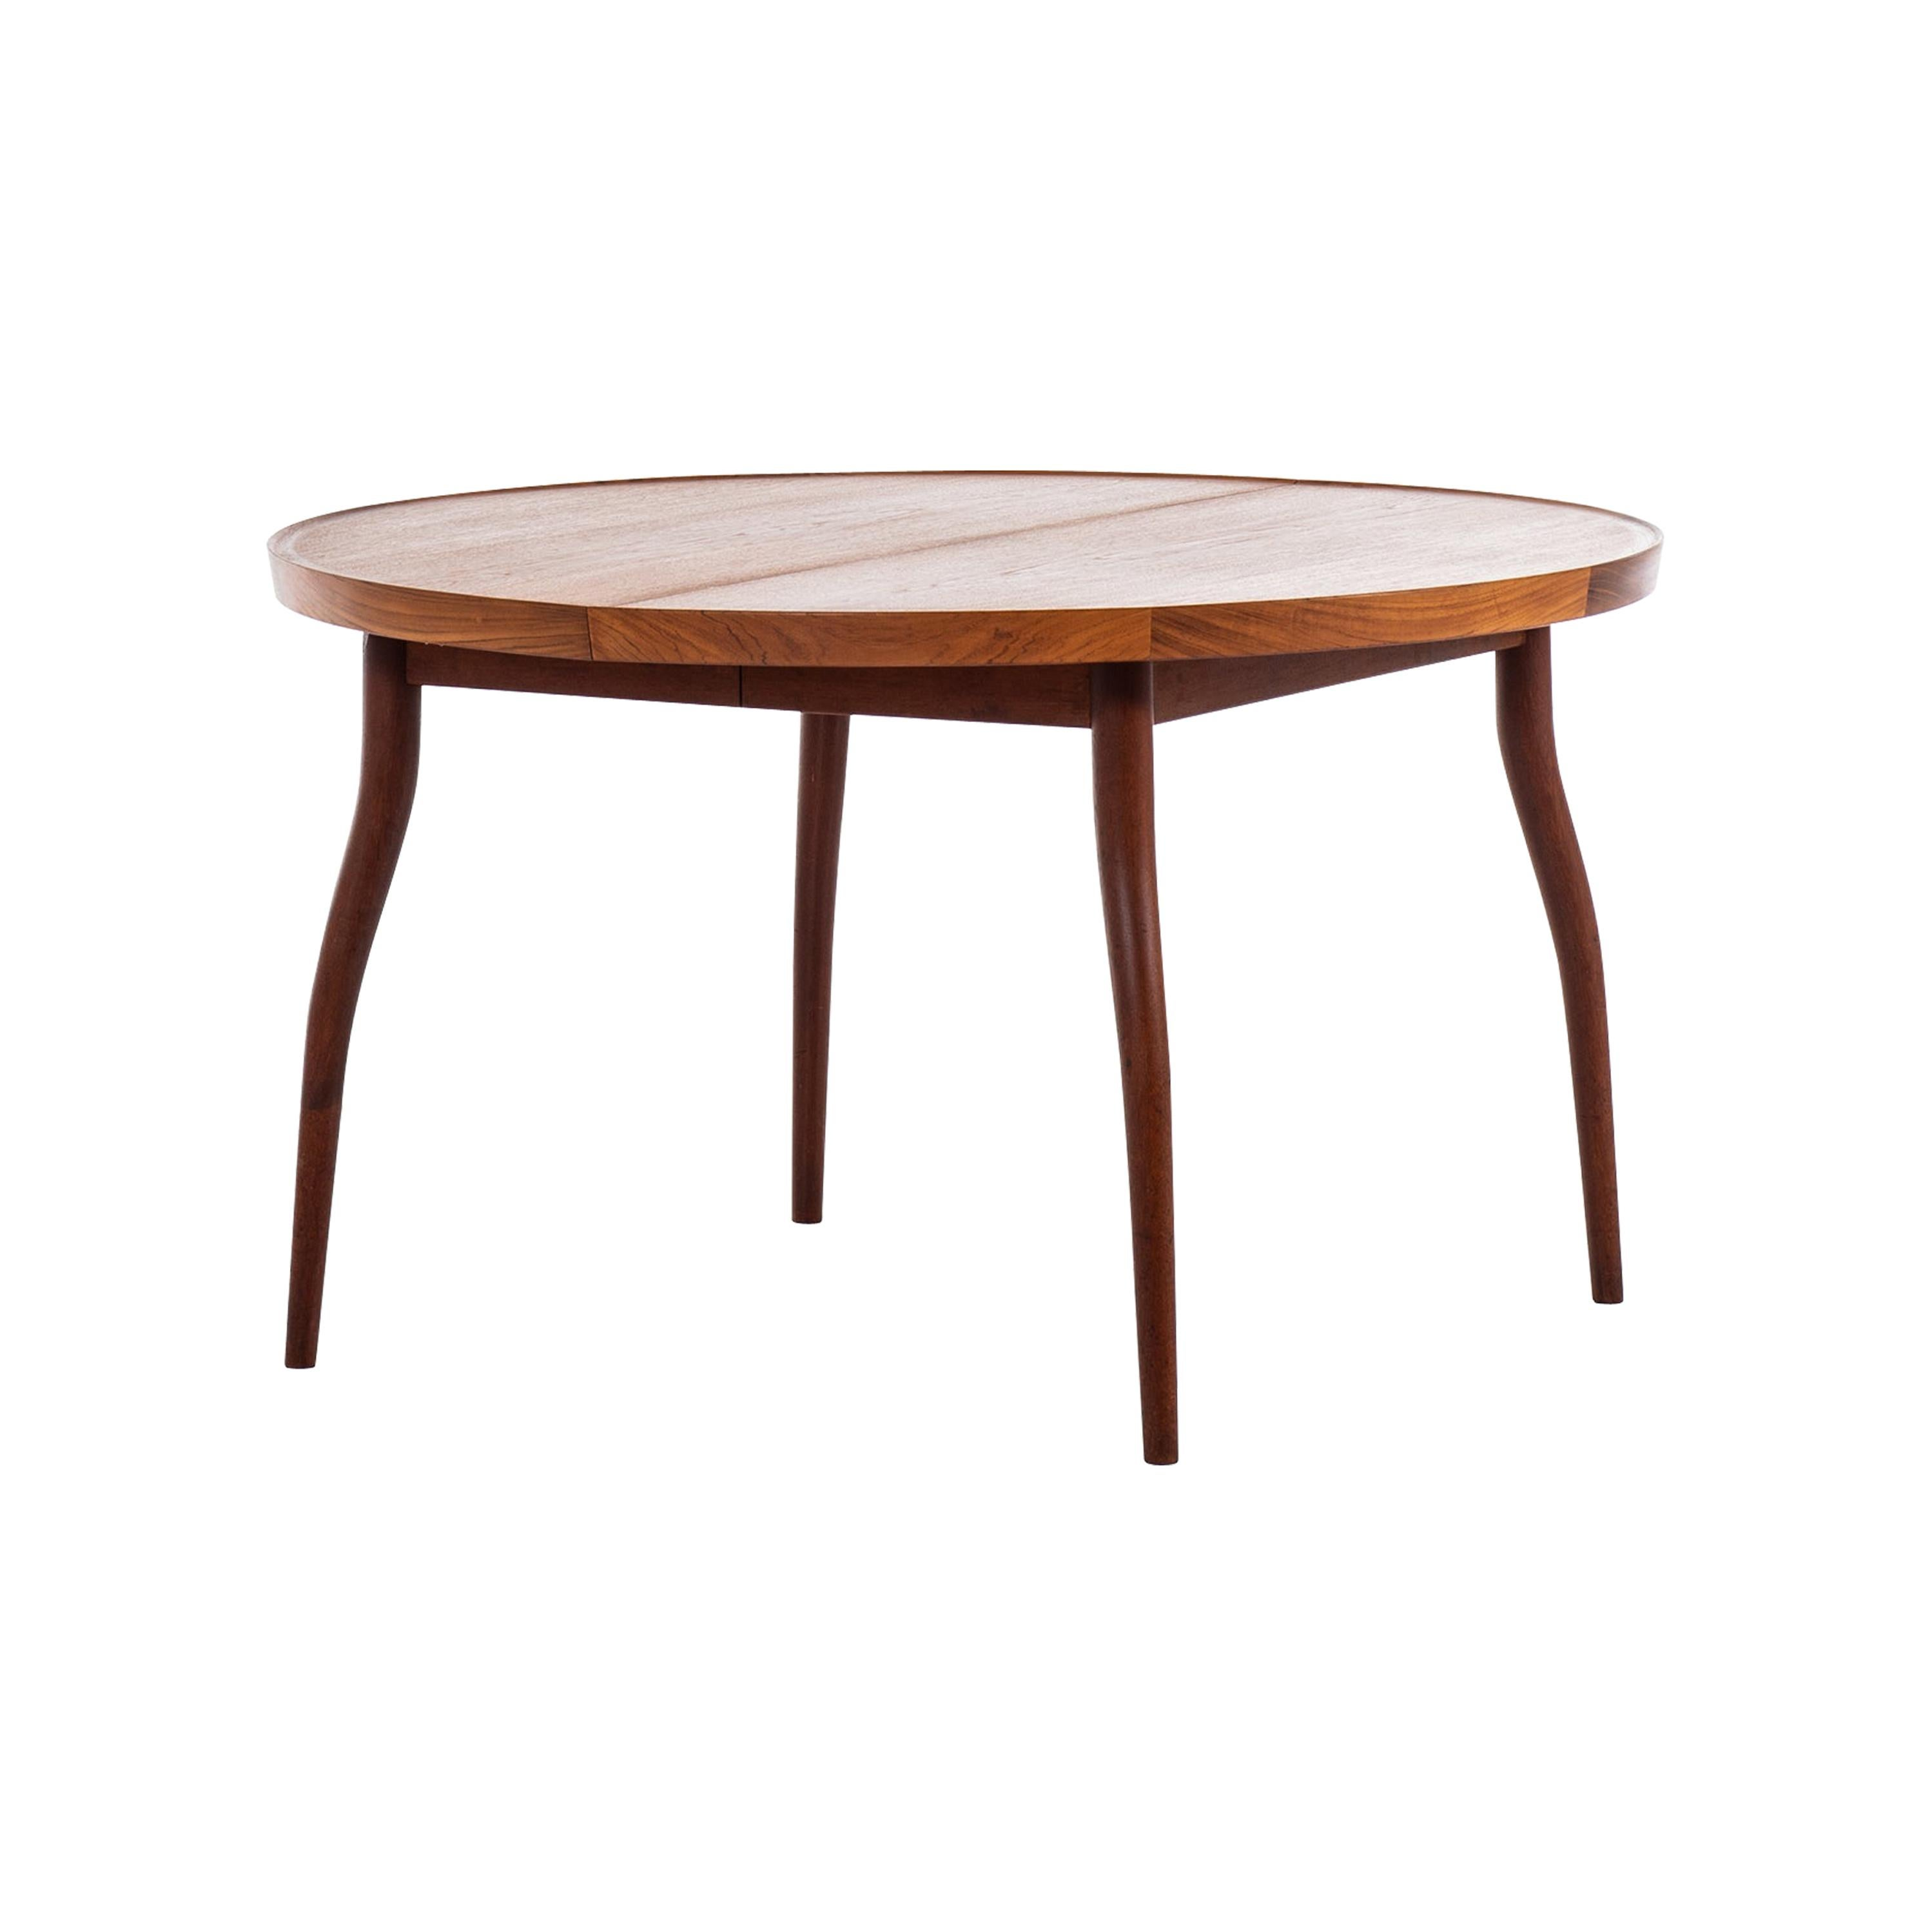 Finn Juhl Dining Table Model NV-56 by Niels Vodder in Denmark